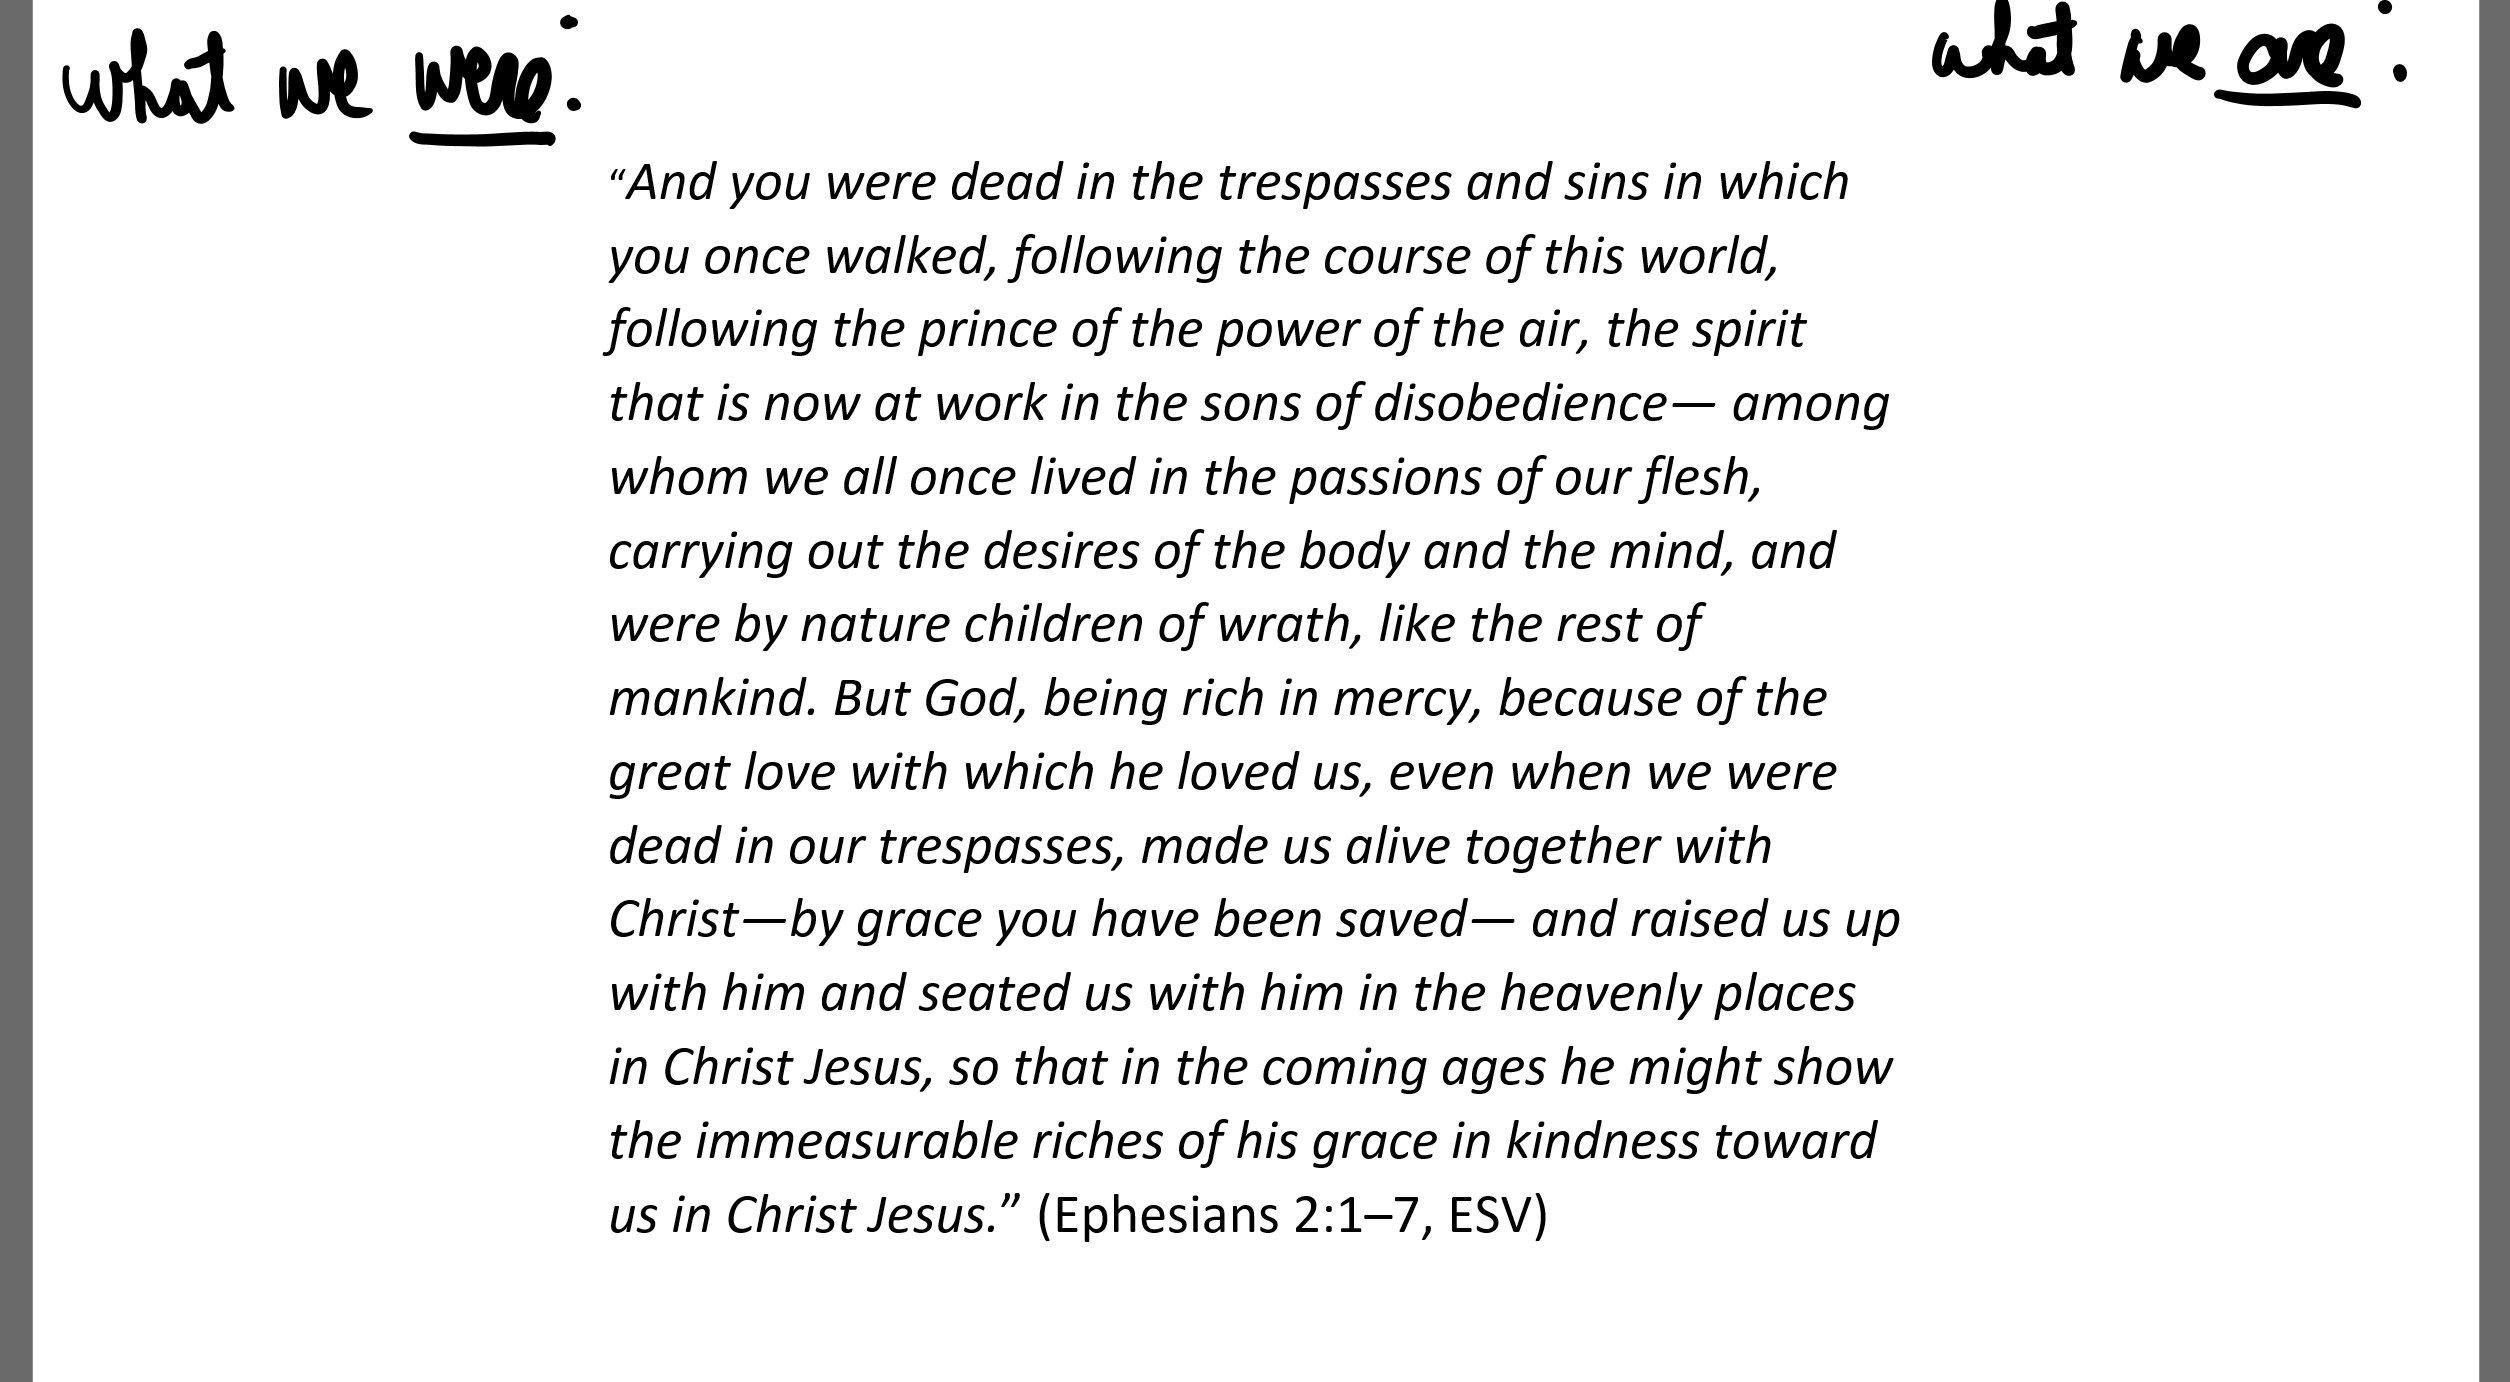 [Screencast: The Power of the Gospel]